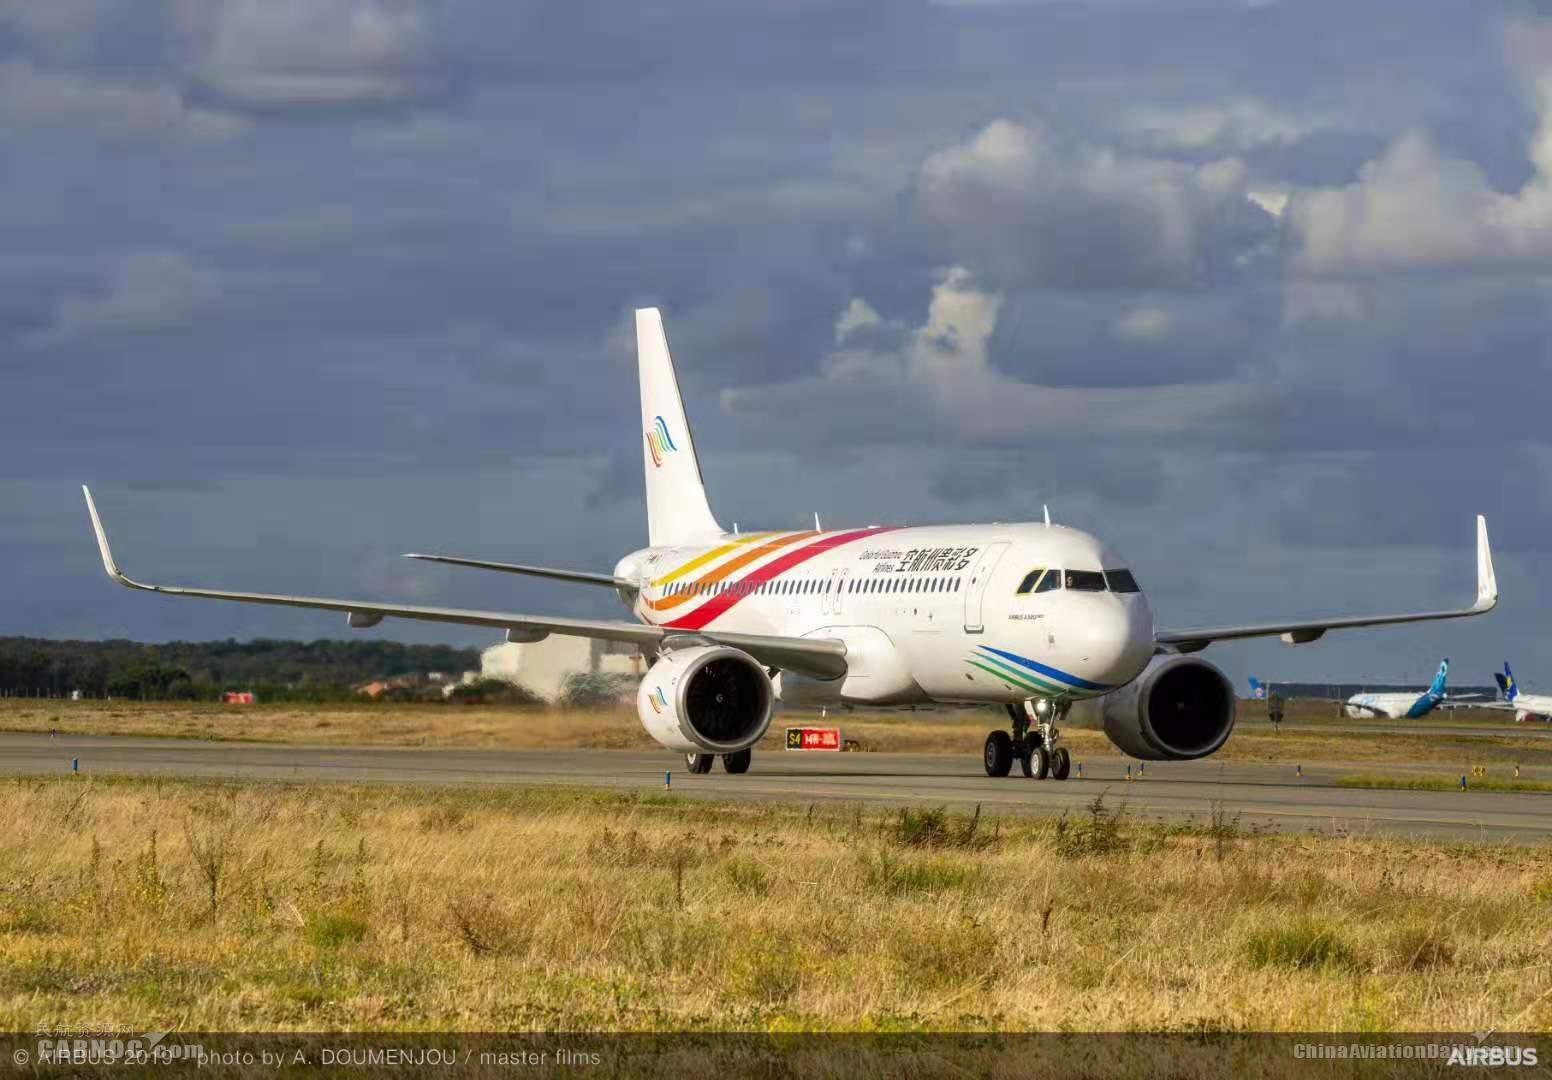 多彩贵州航空10月25日将引进首架A320NEO飞机